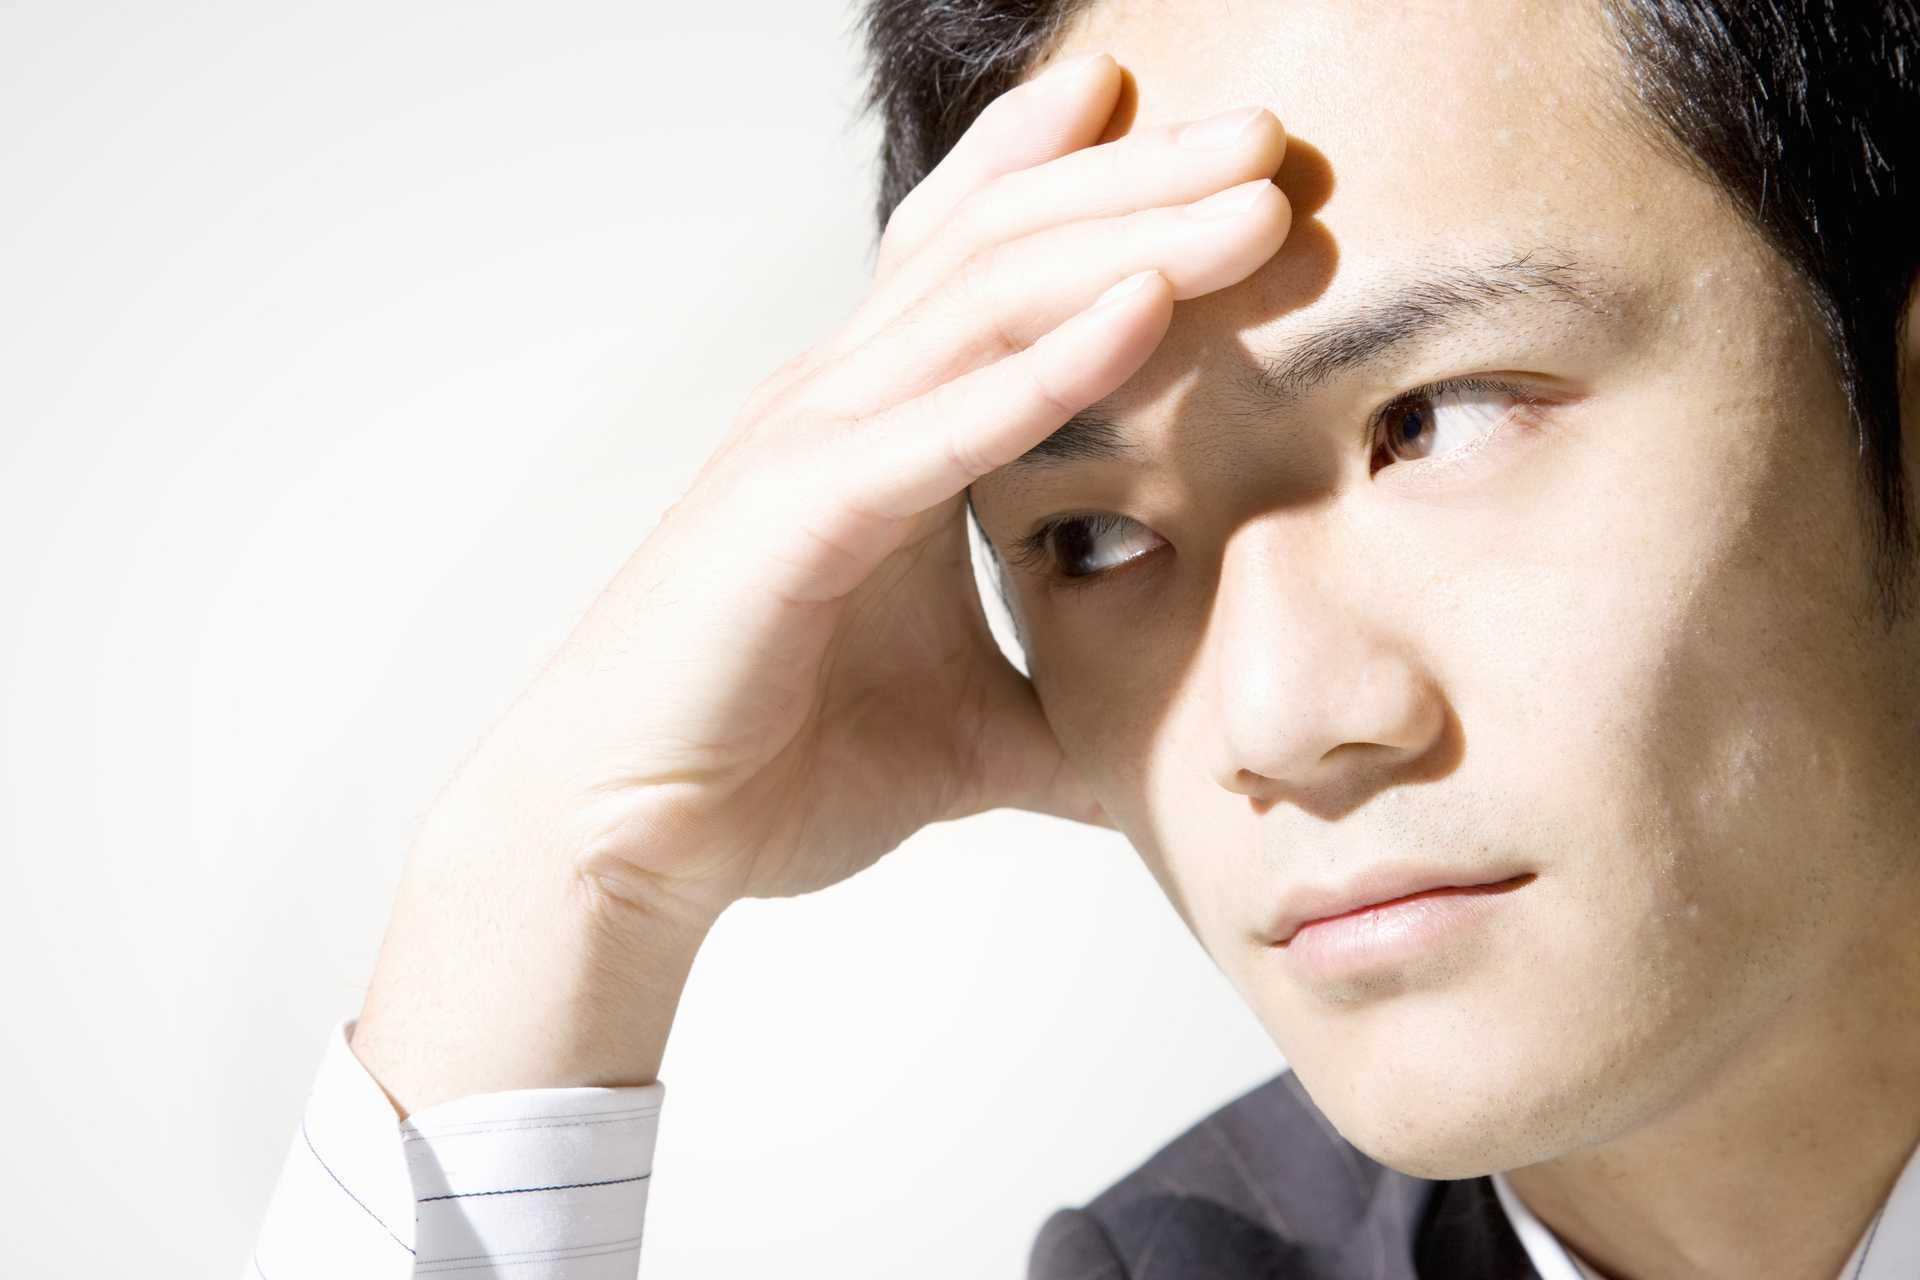 失敗は、成功以上に素晴らしいことを教えてくれる先生。 | 明るい性格になる30の方法